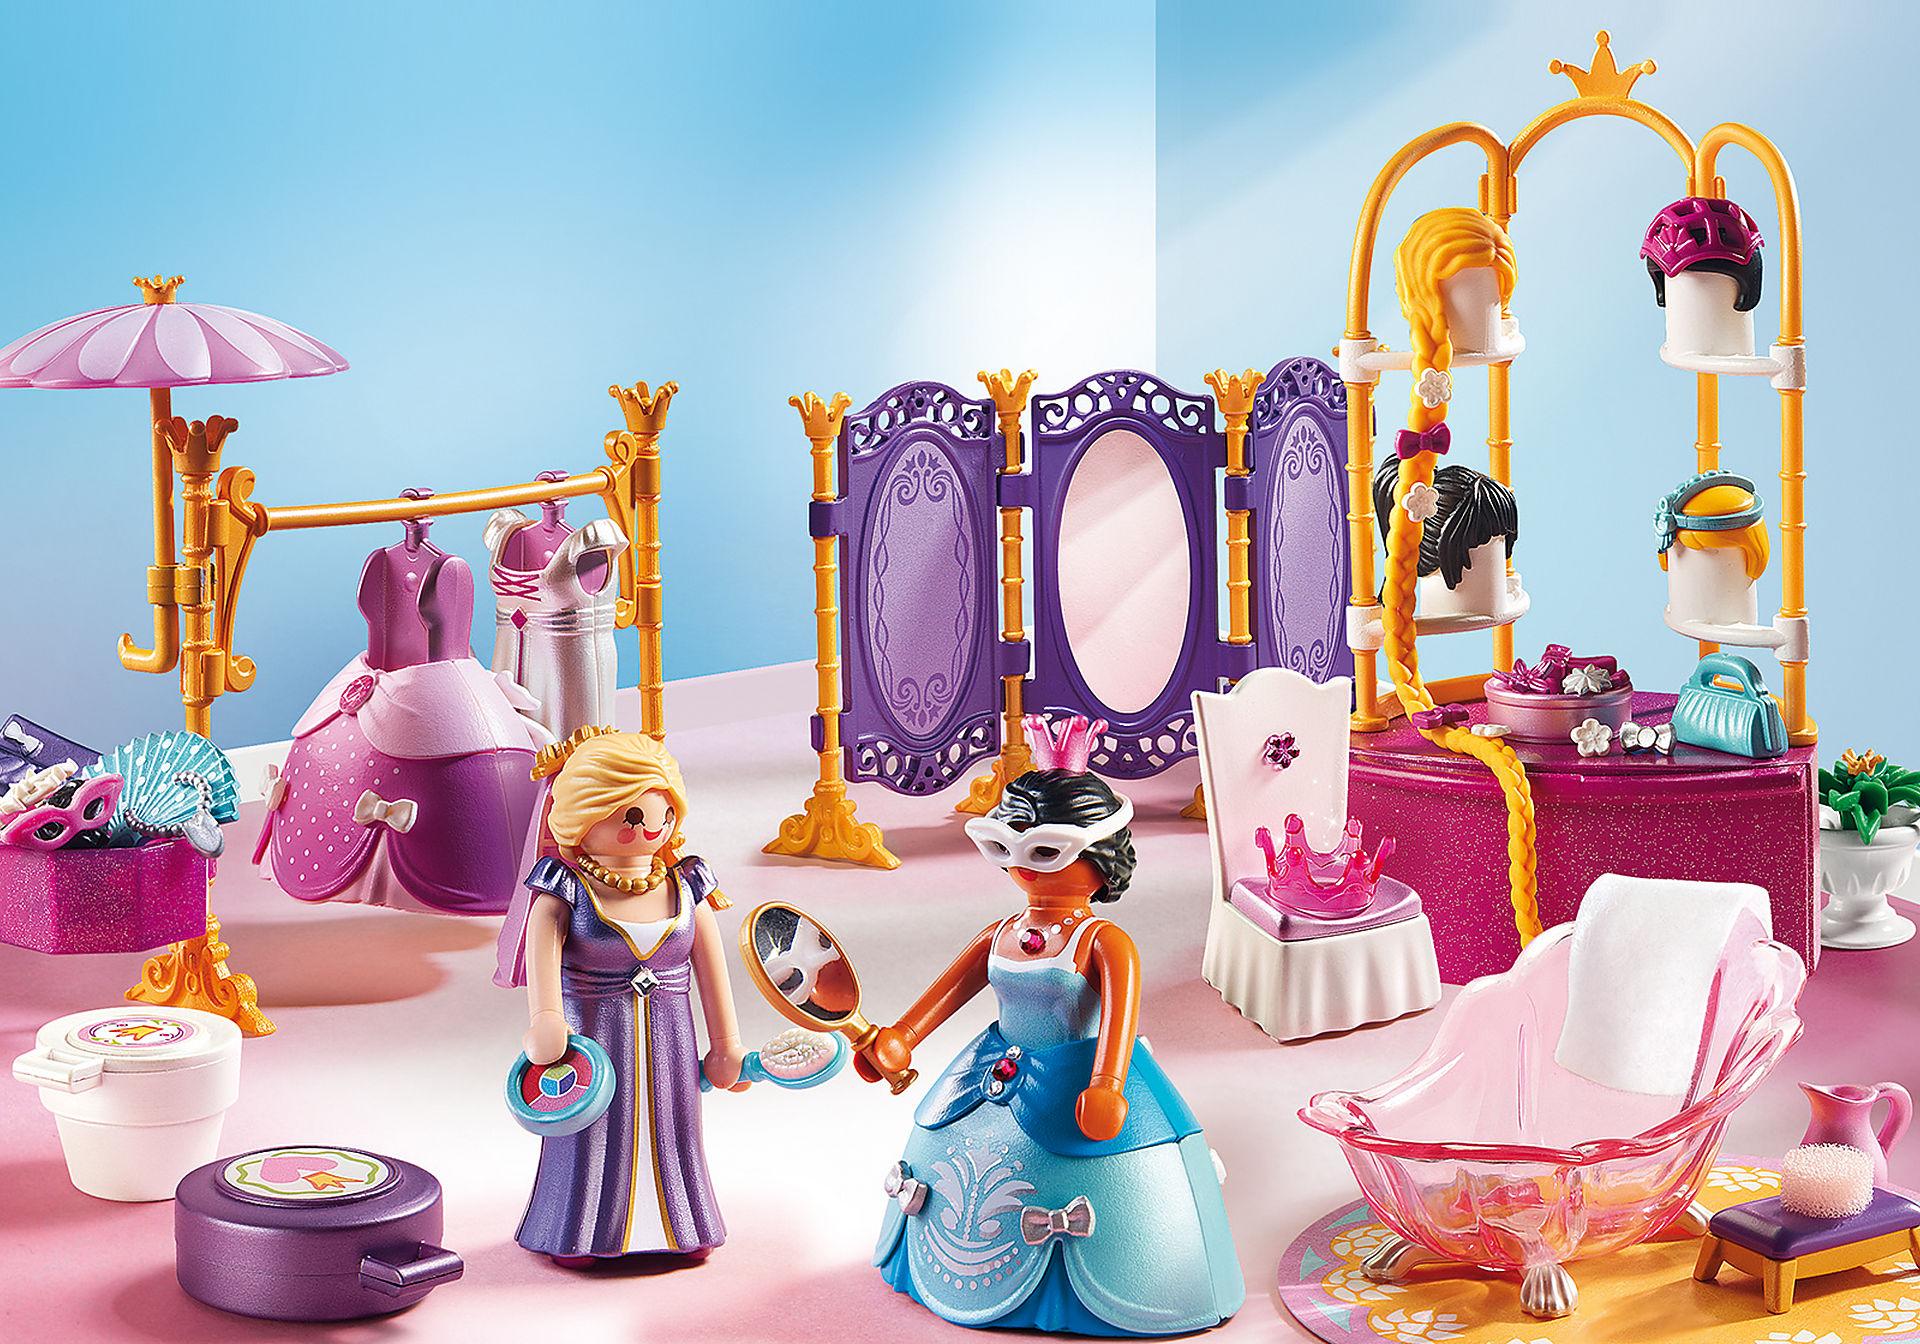 6850 Salon de beauté avec princesses zoom image1